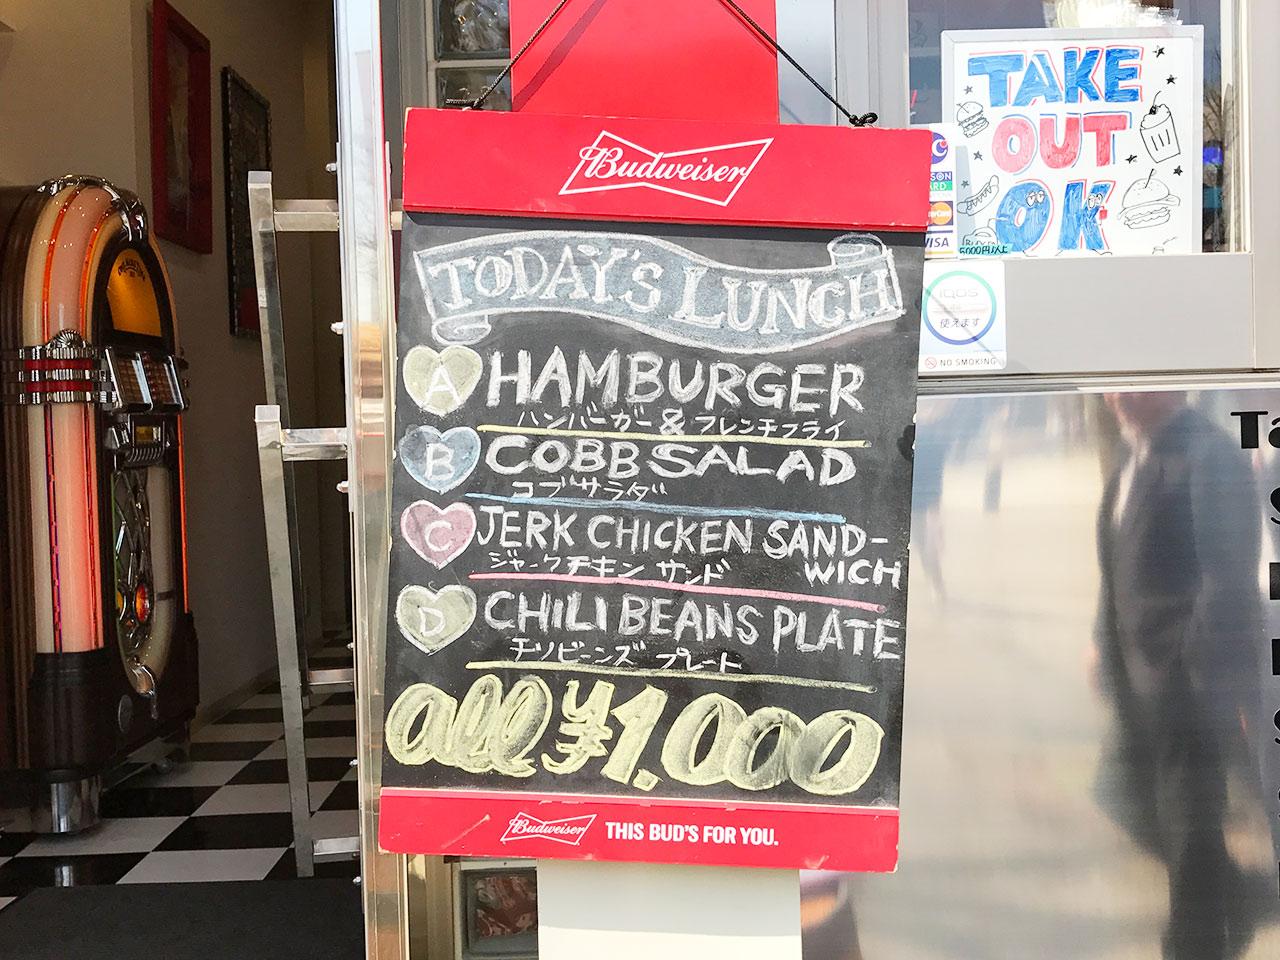 ハンバーガー屋「PENNY'S DINER」のランチメニュー